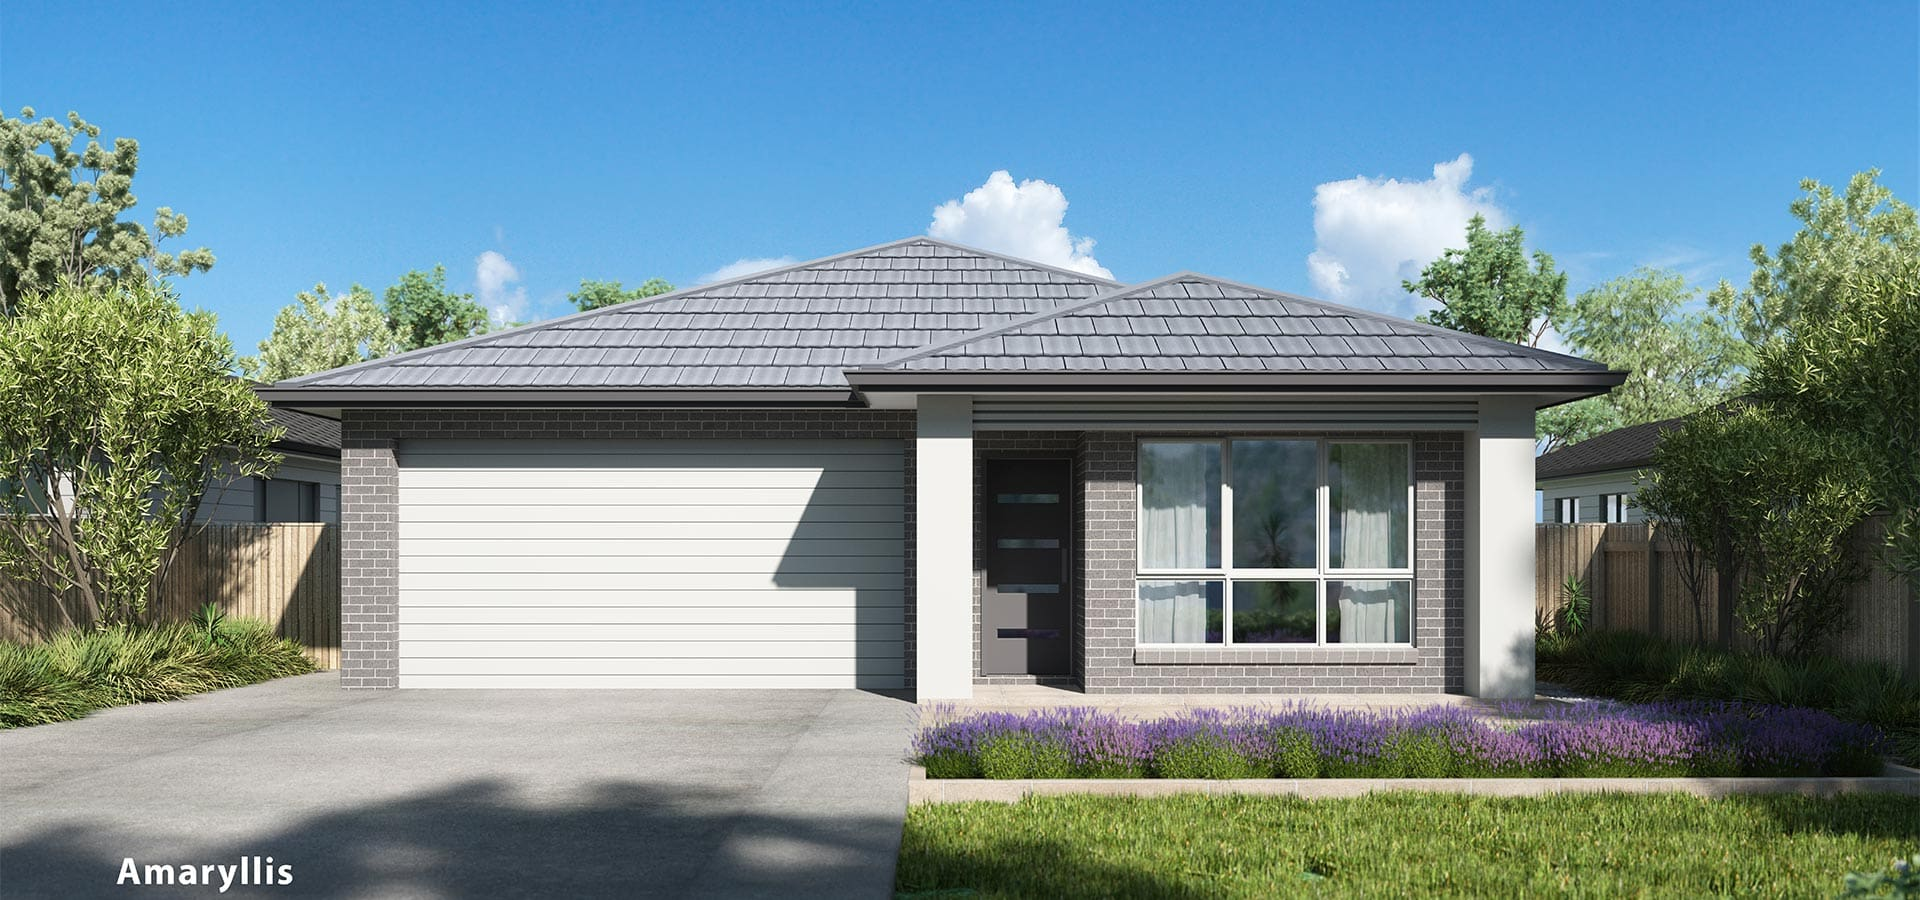 Amaryllys-12-13-Y-Single-House-Design